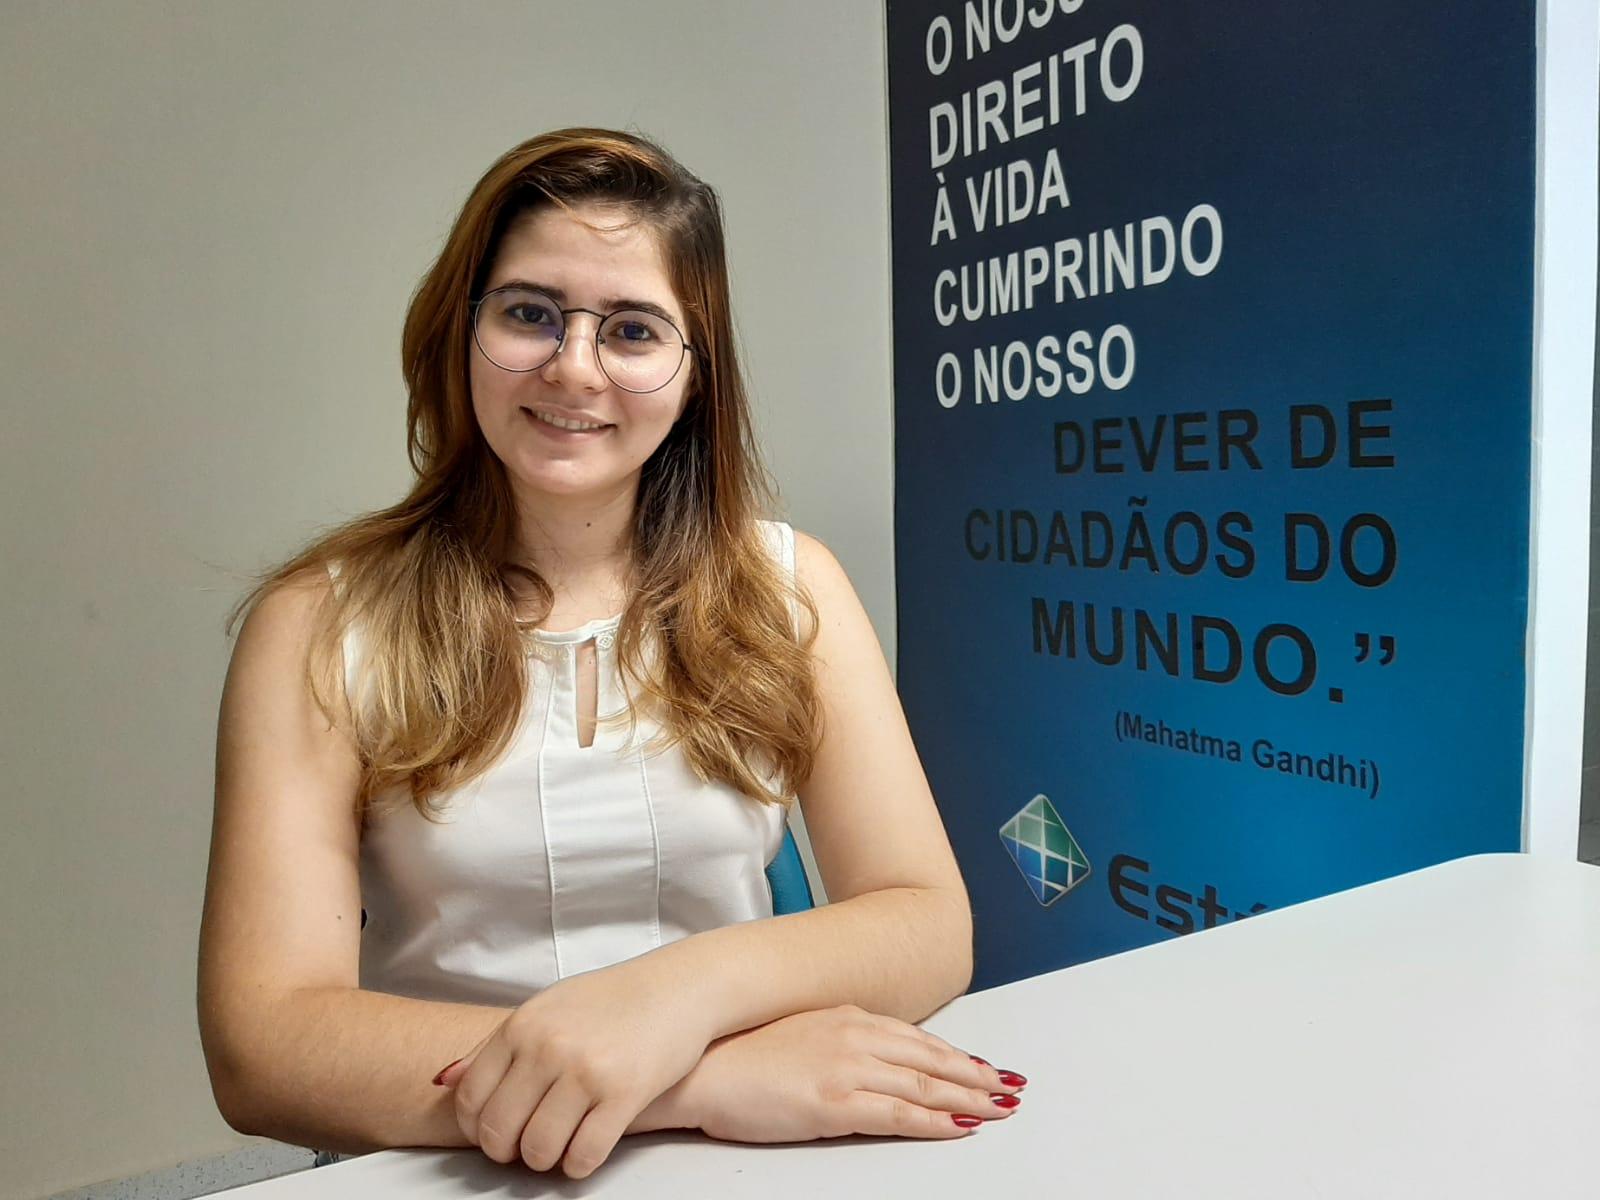 Sydennya Lima, psicóloga e docente da Estácio